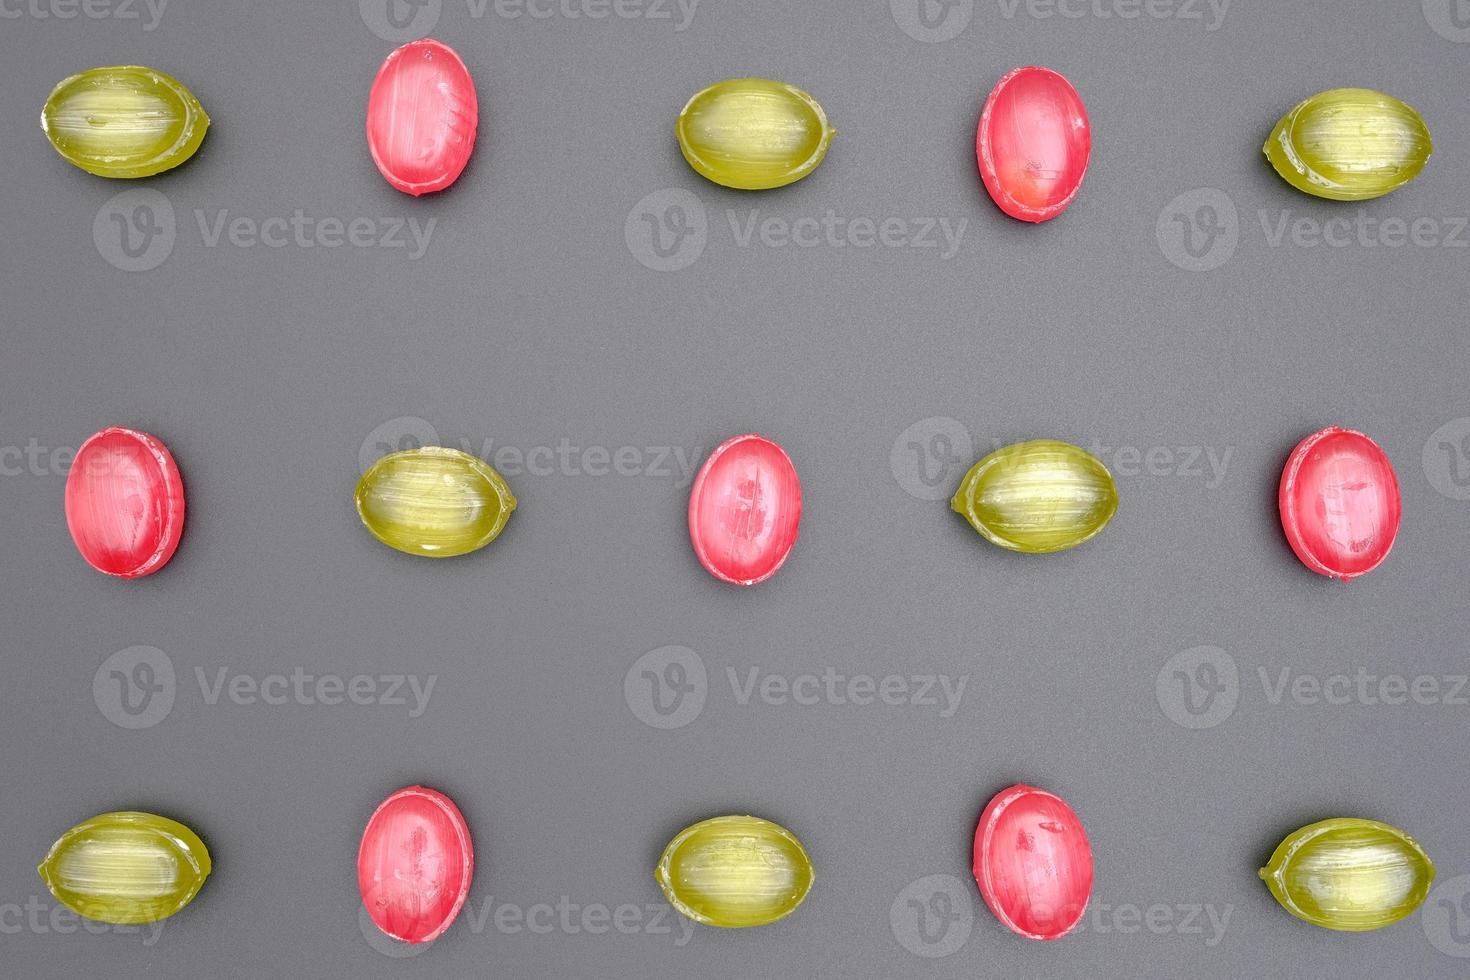 rote und grüne ovale Form glänzendes Karamell-Bonbons-Muster foto